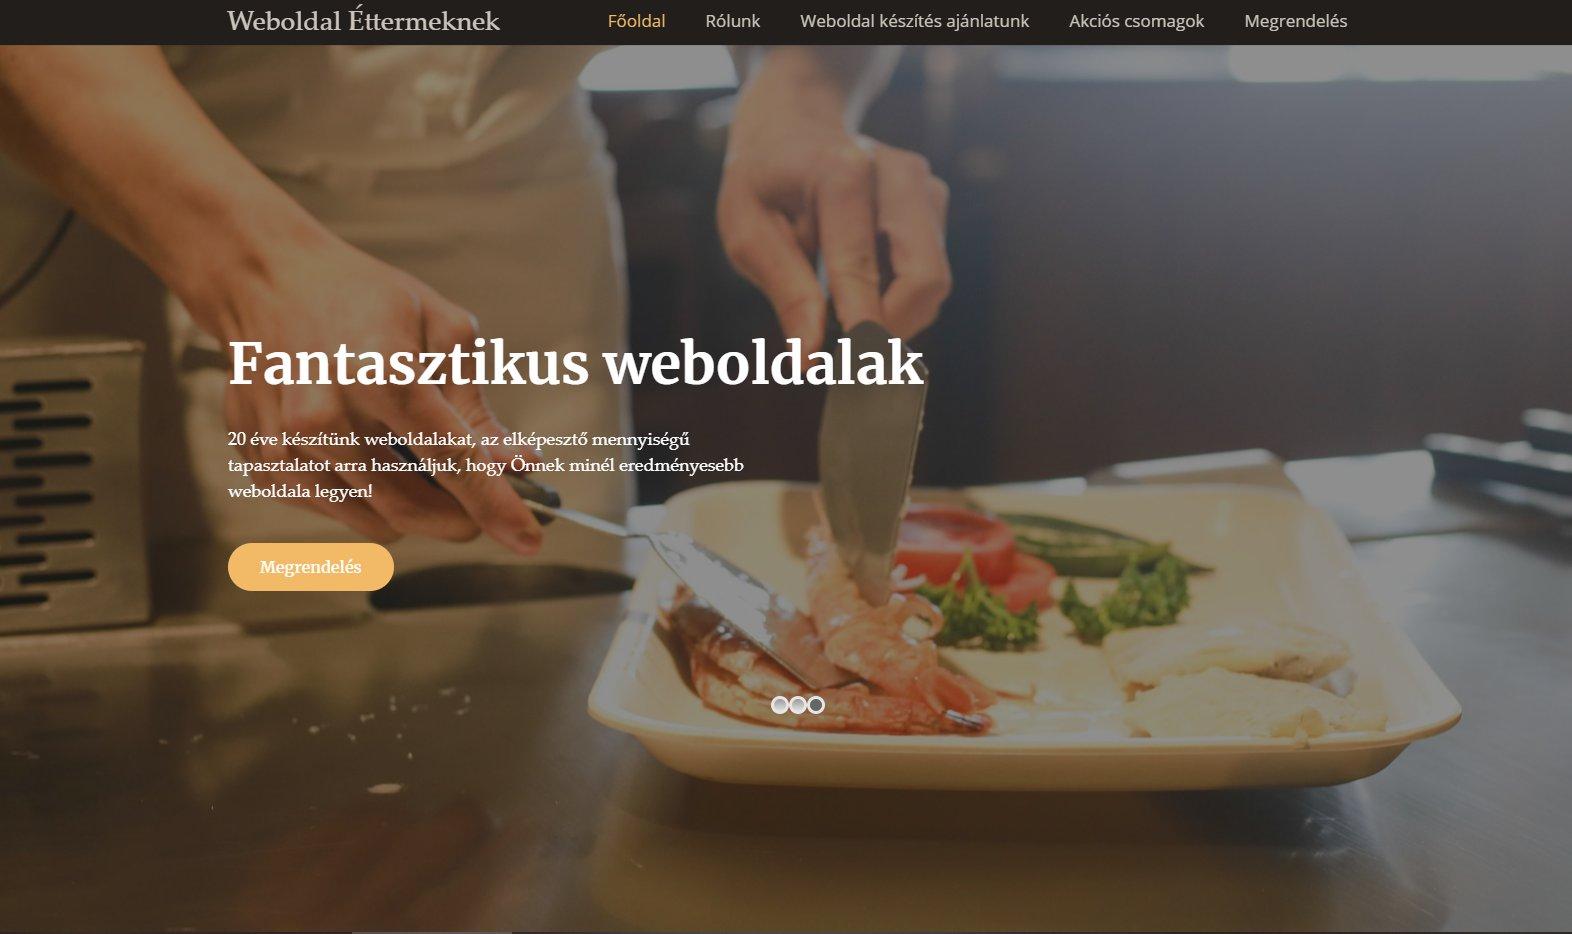 Étterem weboldal